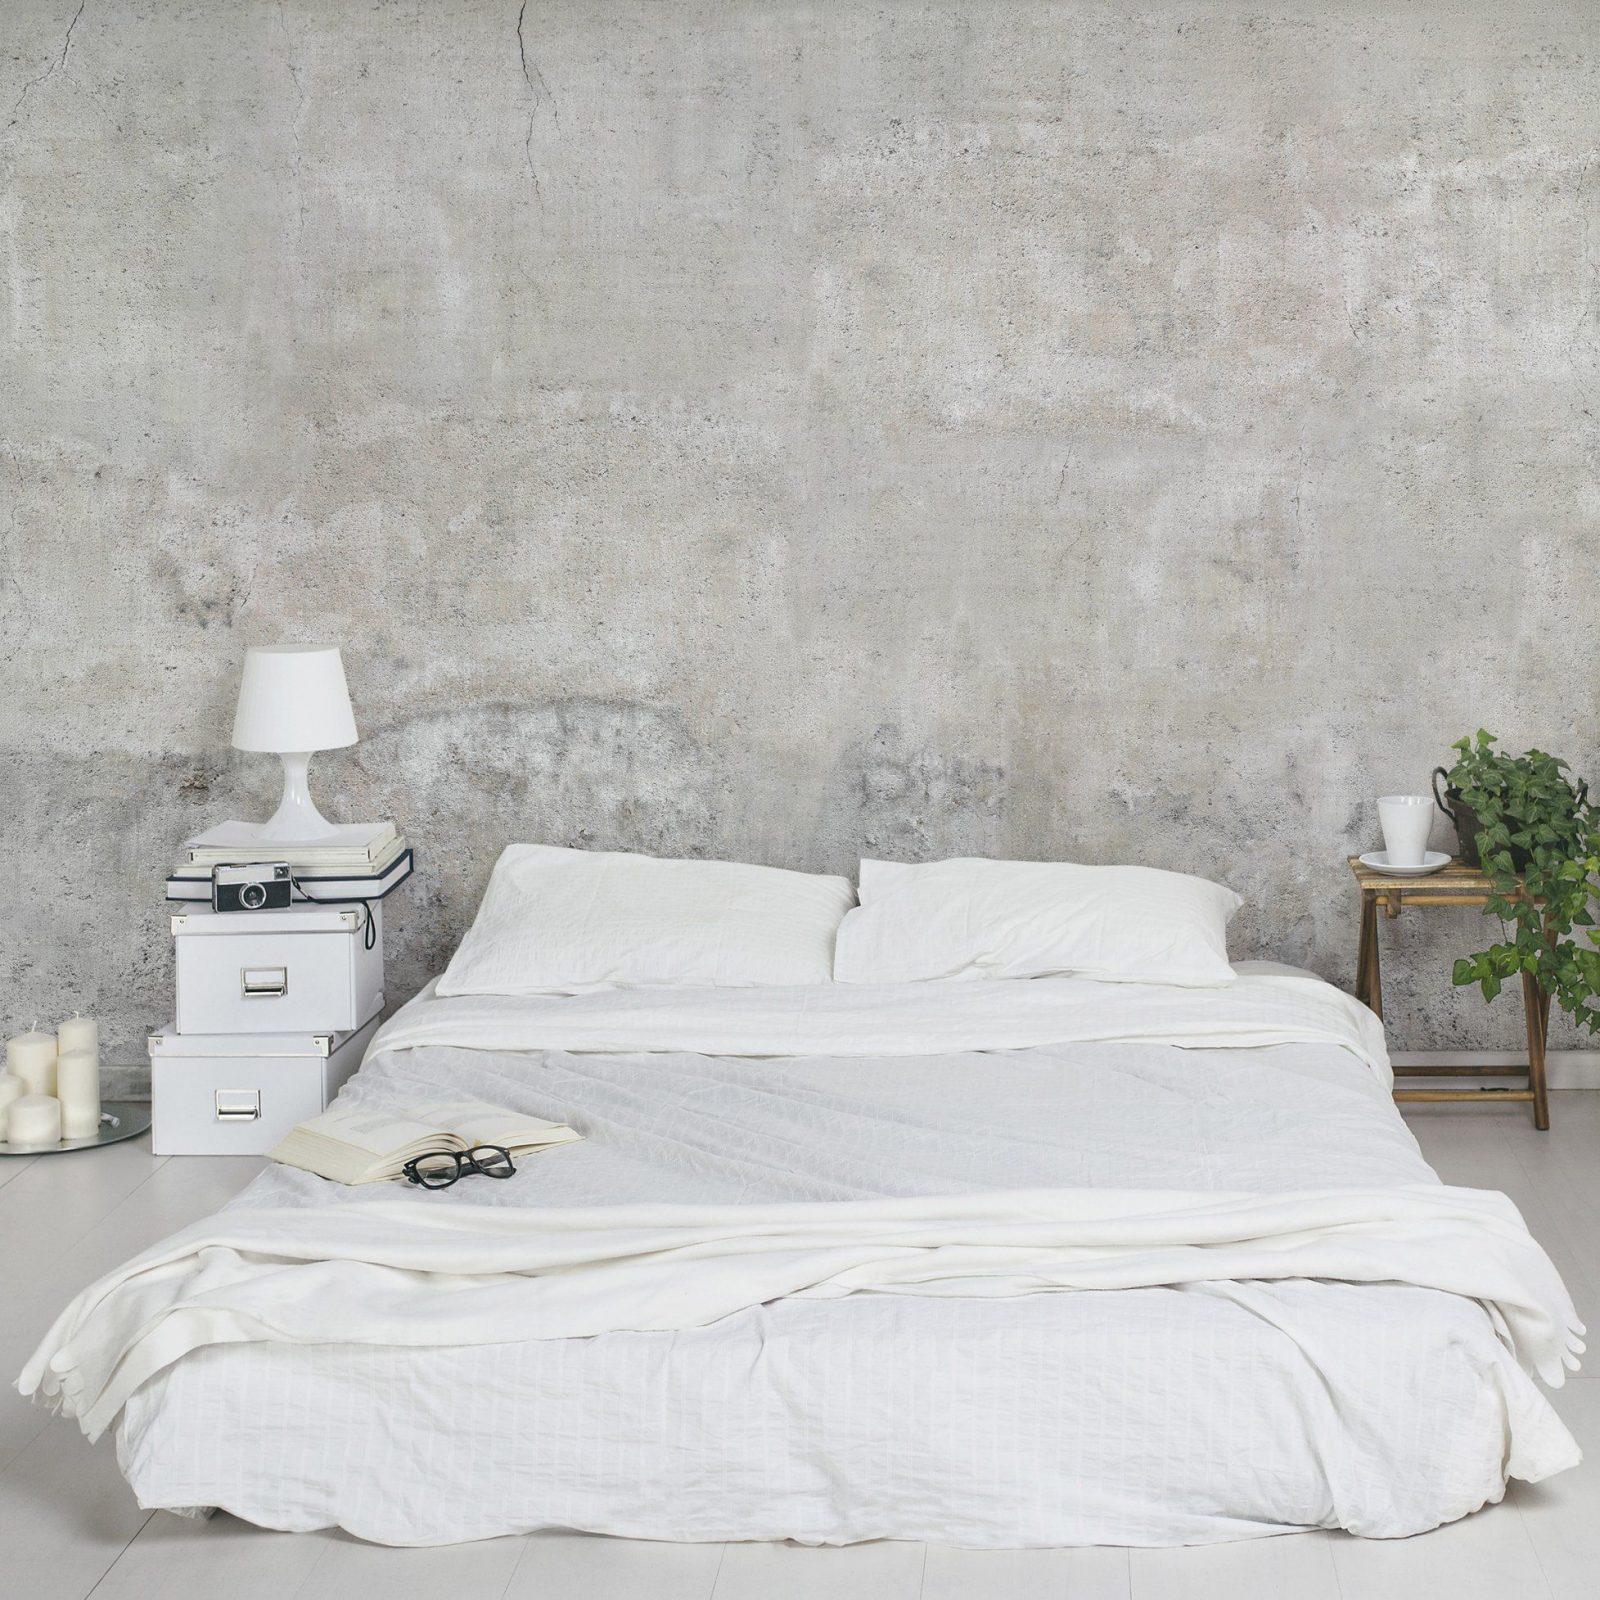 Tapete Küche Abwaschbar von Schöne Wände Ohne Tapete Bild